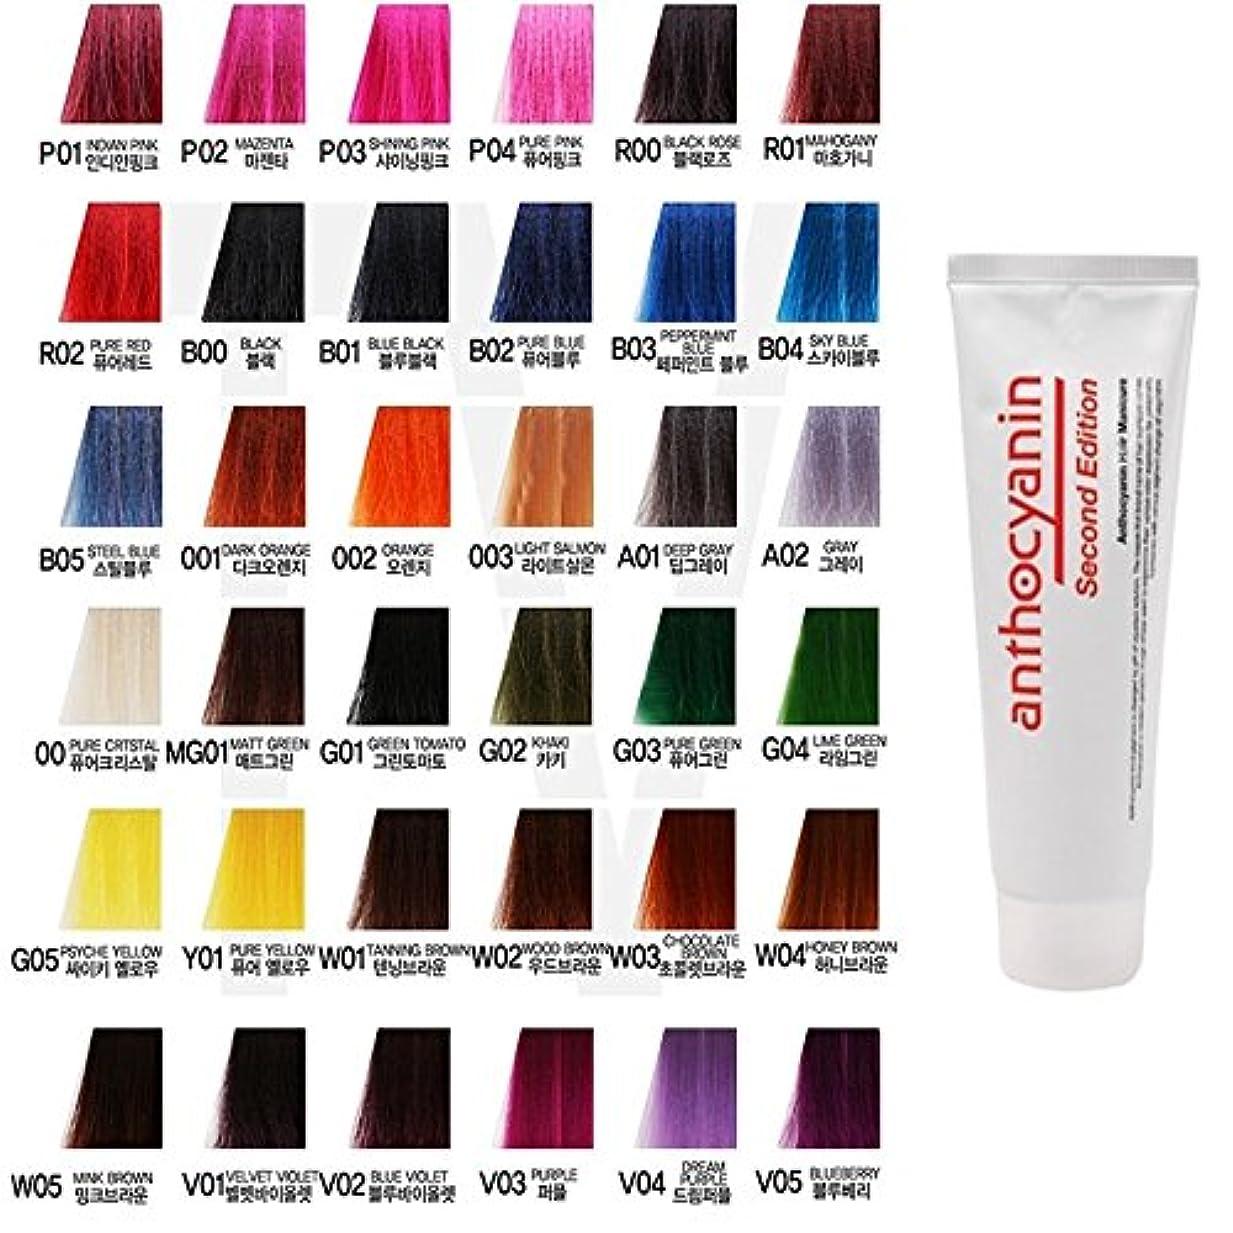 死ぬまたはどちらか喉頭ヘア マニキュア カラー セカンド エディション 230g セミ パーマネント 染毛剤 ( Hair Manicure Color Second Edition 230g Semi Permanent Hair Dye) [並行輸入品] (O12 Coral Orange)